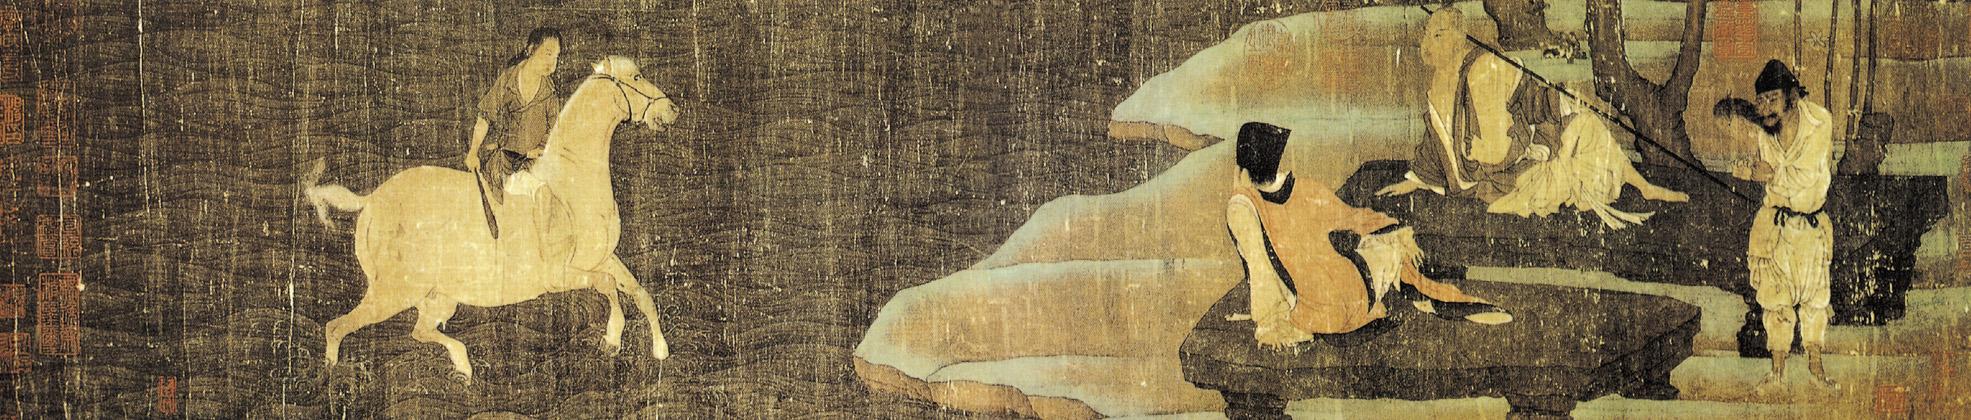 神骏图 佚名